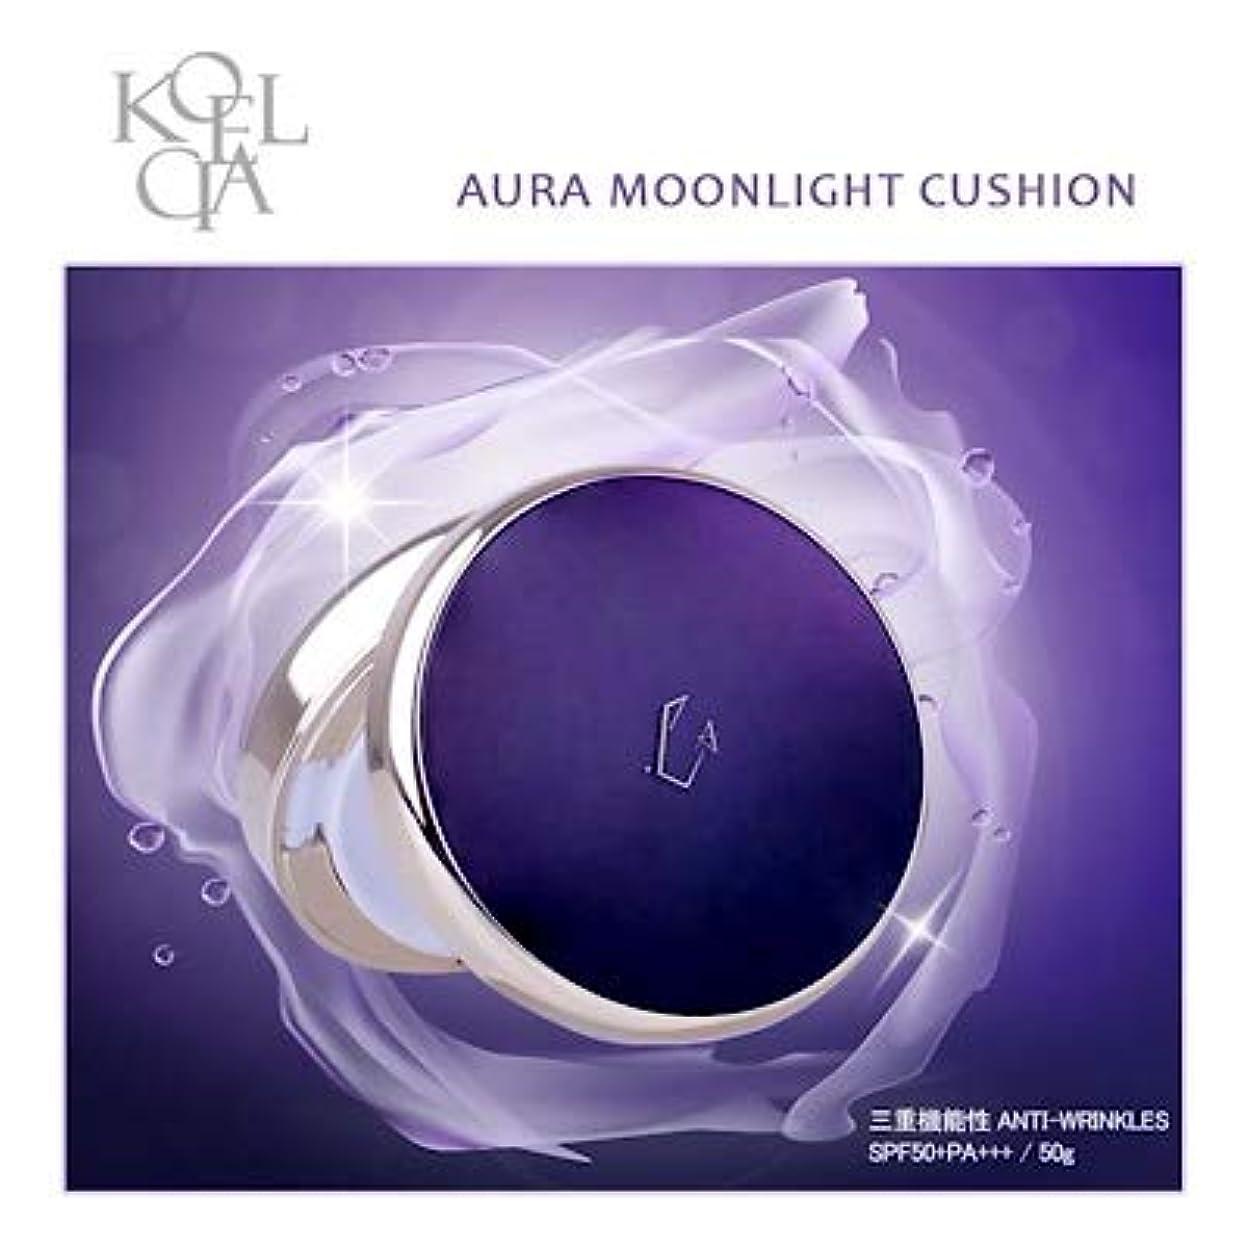 忘れる任命する洞察力のあるKOELCIA Aura Moonlight Cushion 14g No.21(Light Beige) クッション 三重機能性Anti-Wrinkles(SPF50+PA+++ / 14g)完全新商品!!/Korea...